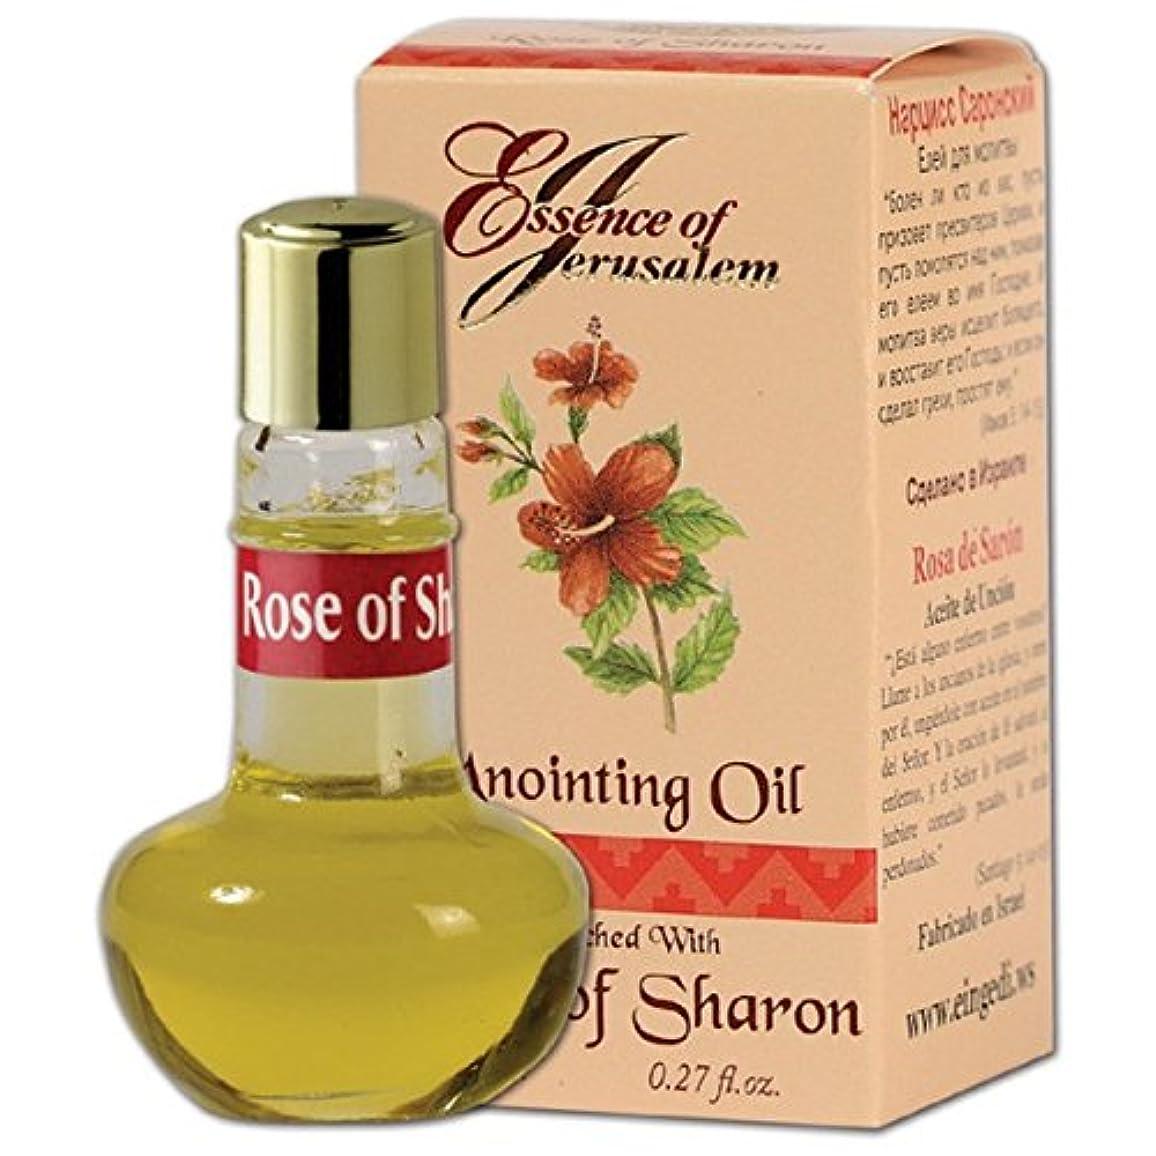 ケーブル考える財産Essence of Jerusalem Anointing Oil Enriched with Biblicalスパイス0.27 FL OZ byベツレヘムギフトTM